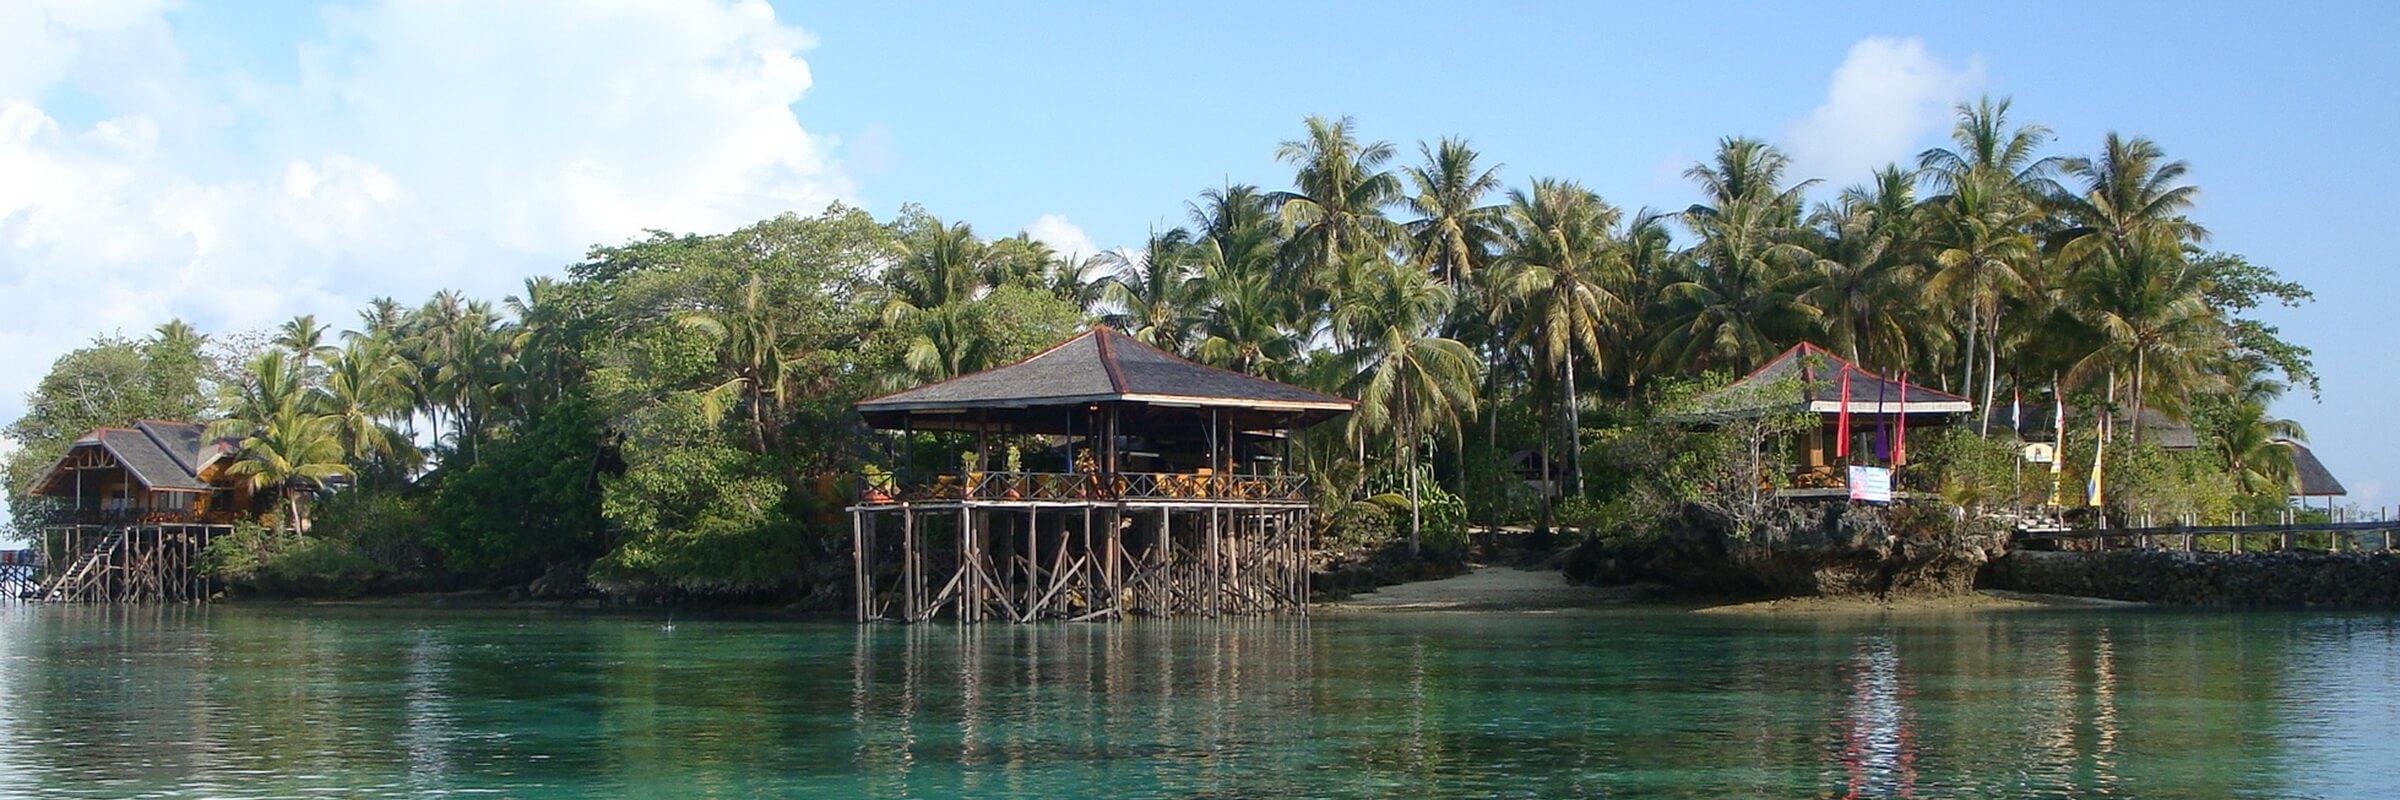 Das Nabucco Island Resort befindet sich fernab der Touristenströme im nordöstlichen Teil des Maratua Atolls an der Ostküste von Kalimantan.